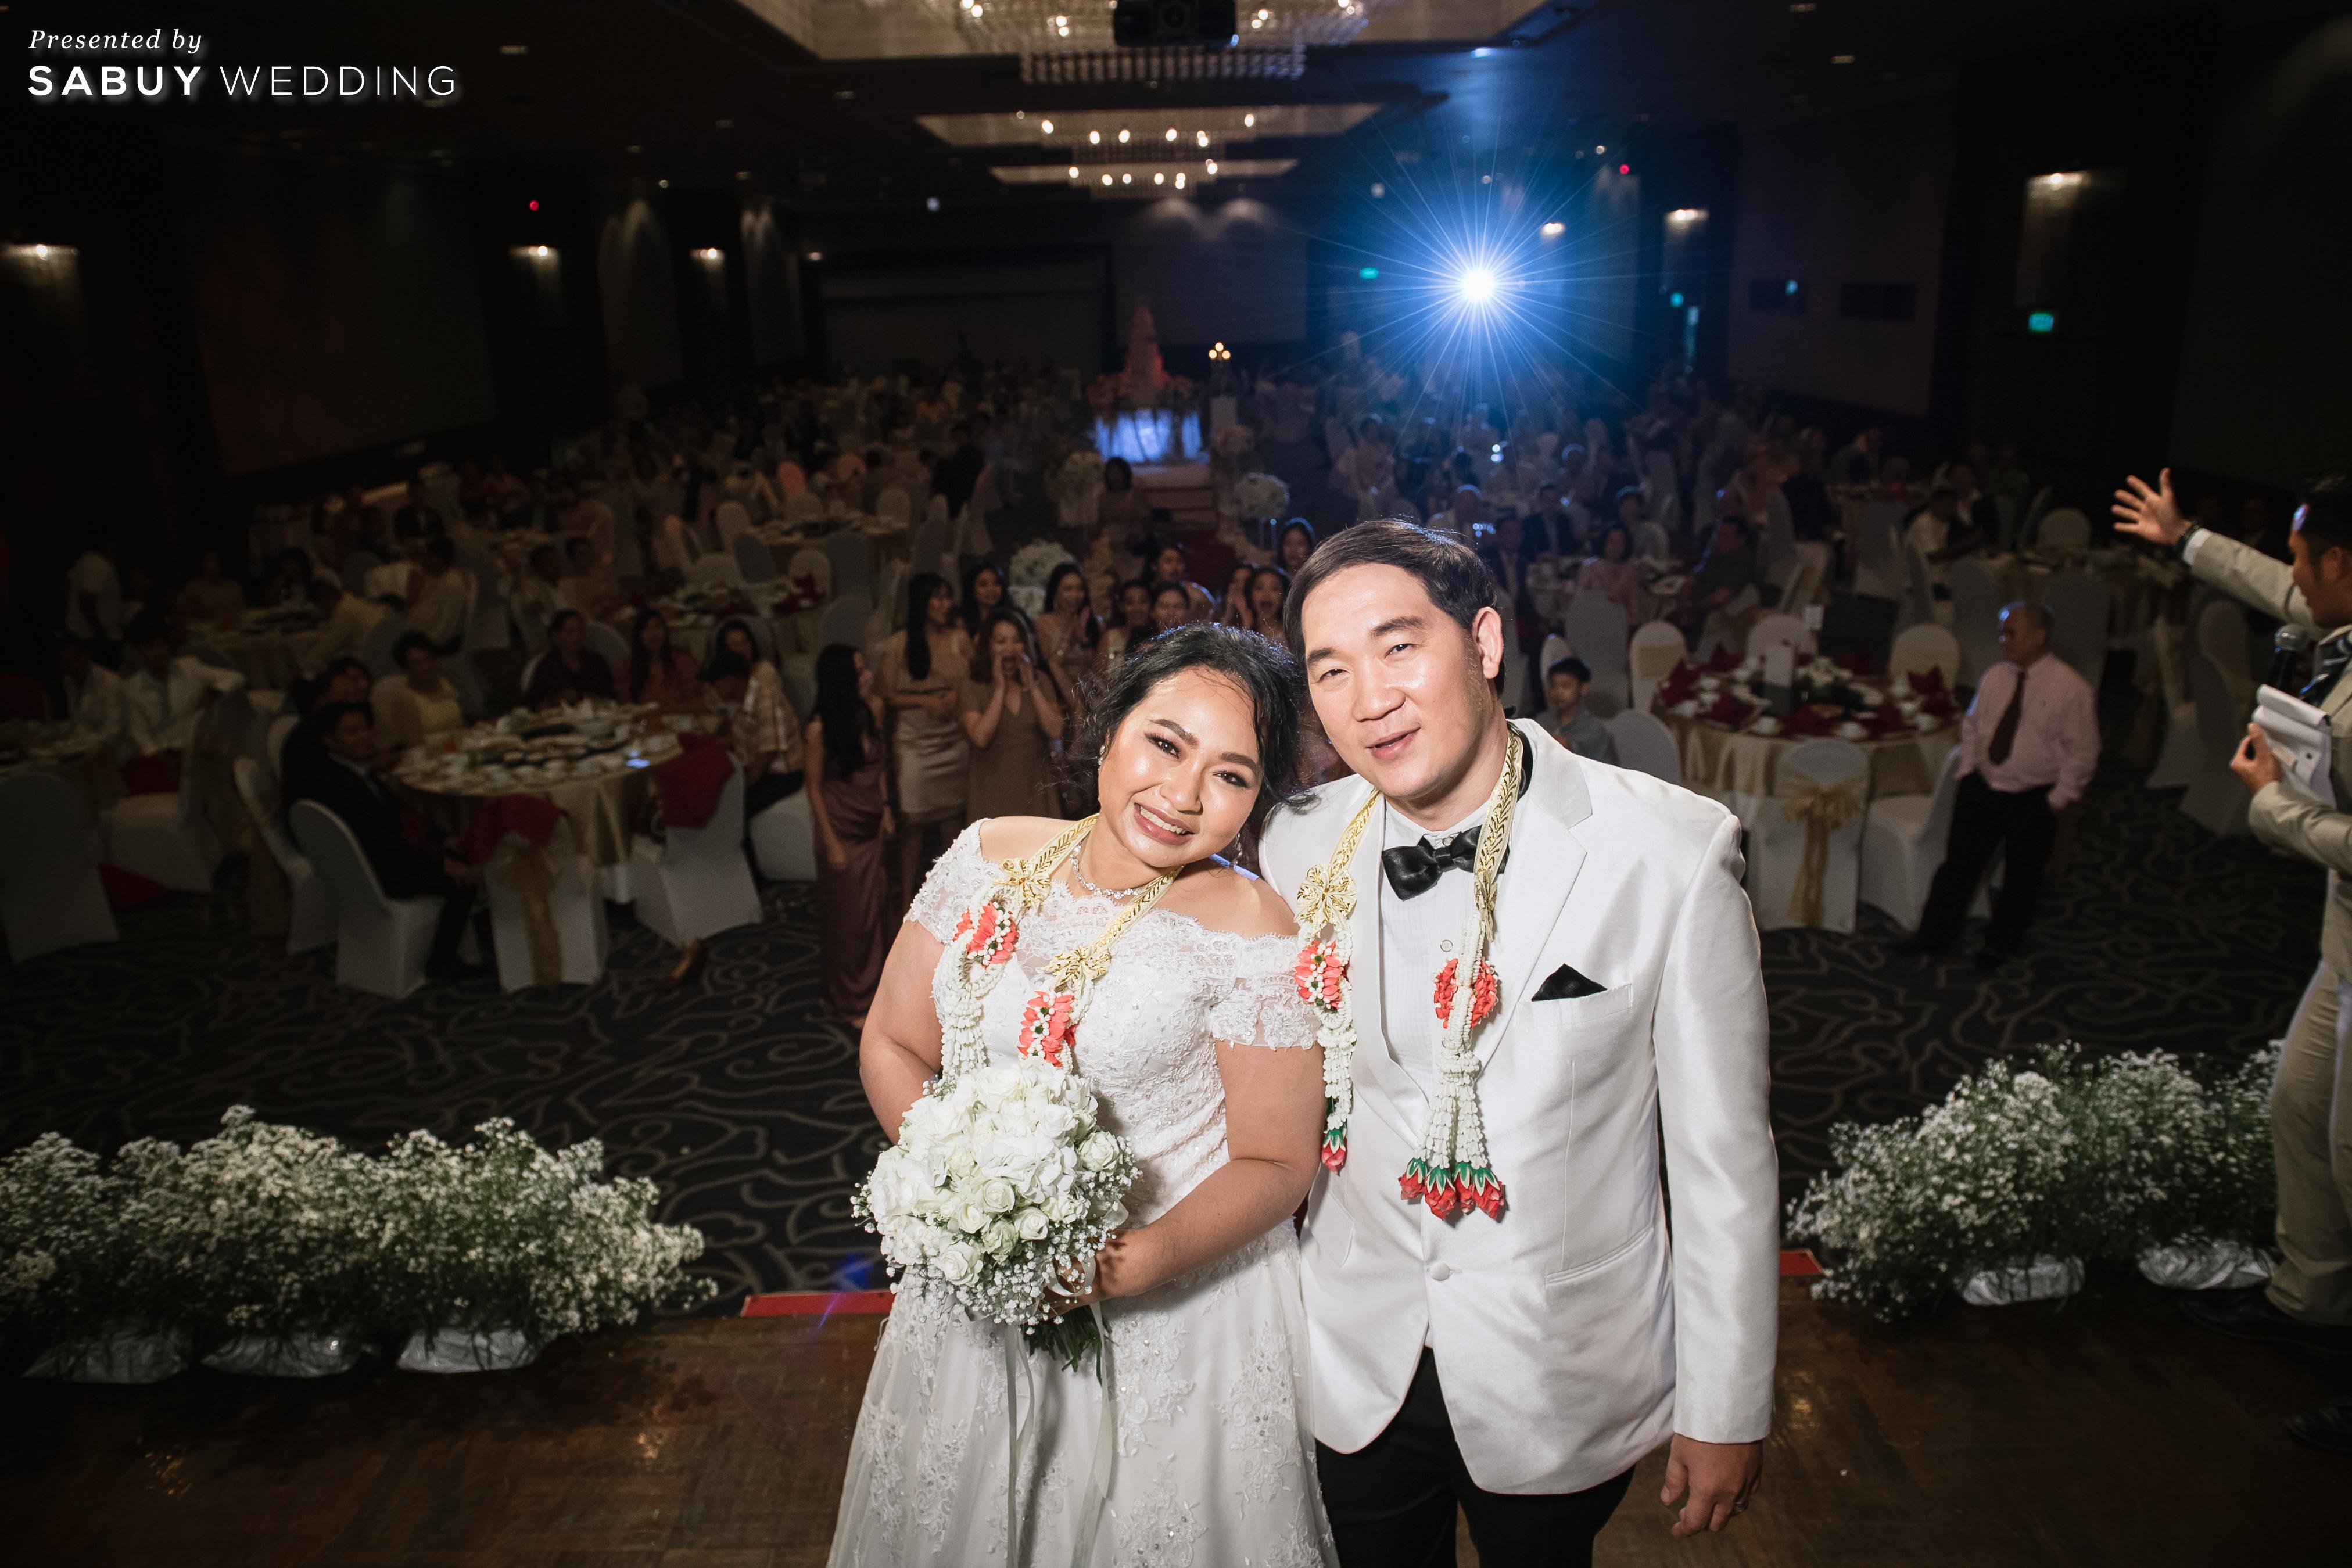 ชุดแต่งงาน,ช่อดอกไม้,พิธีกรงานแต่ง,โรงแรม รีวิวงานแต่งสุดคลาสสิก กับกิมมิคแจกของรางวัล @ Narai Hotel